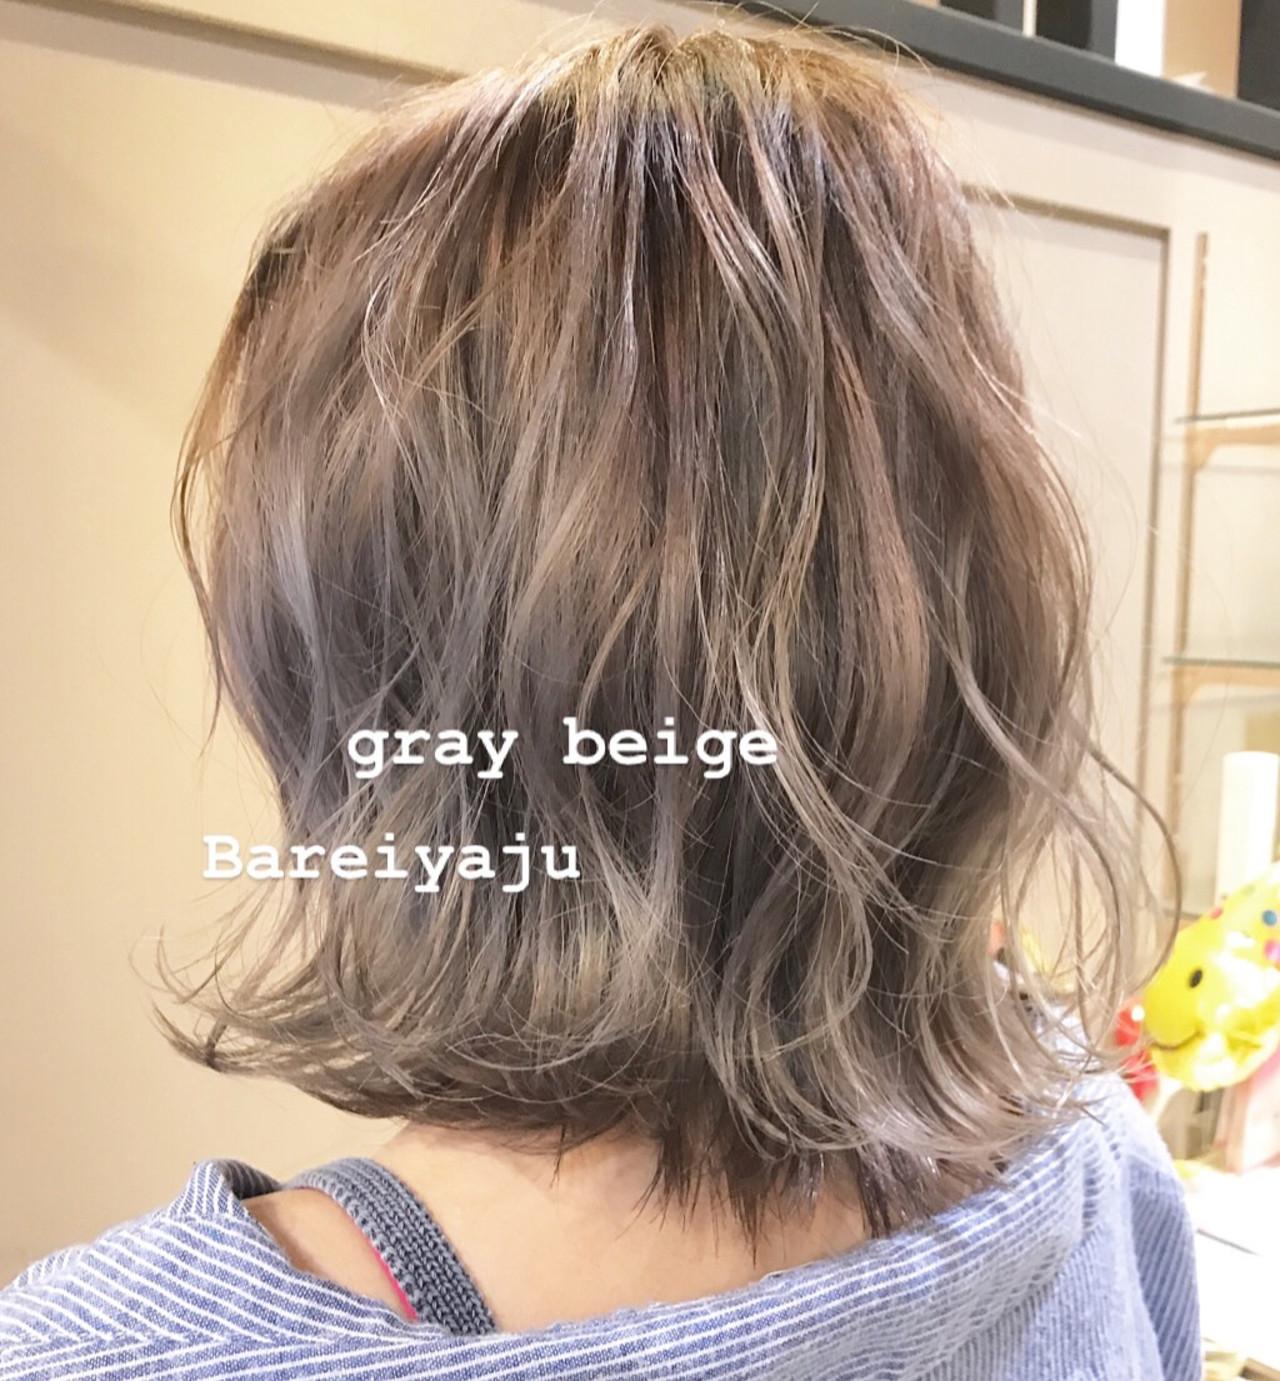 アッシュグレージュ ストリート ボブ バレイヤージュヘアスタイルや髪型の写真・画像